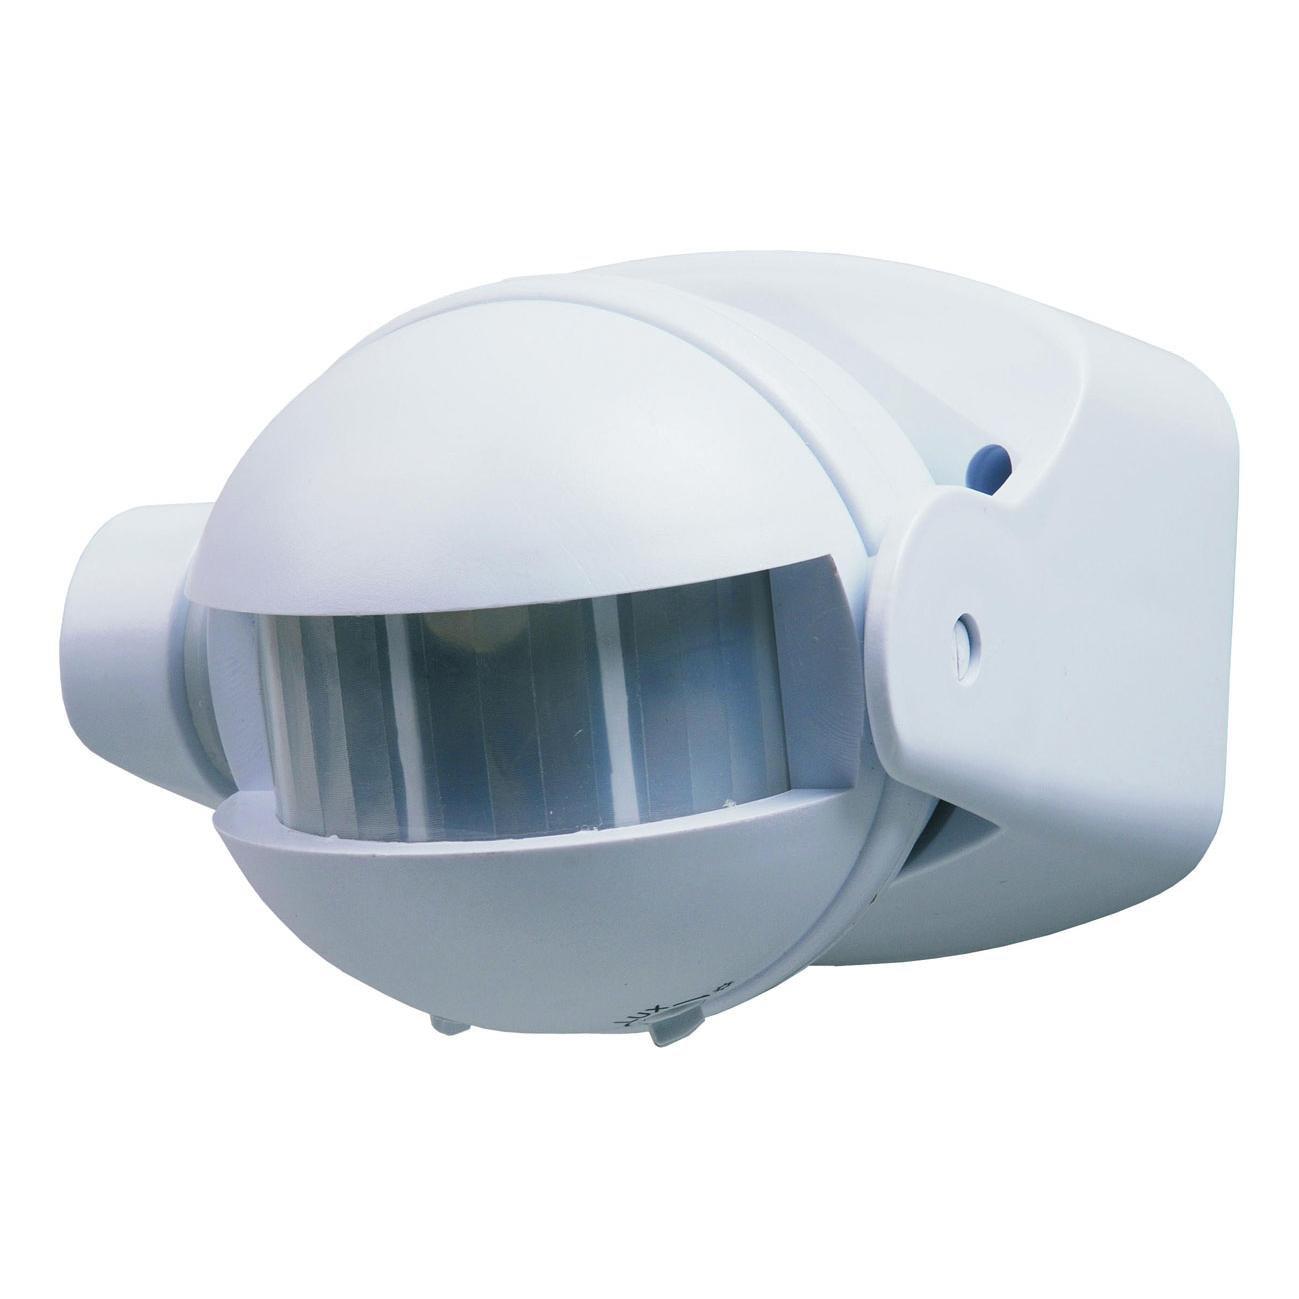 Duolec 9084R112 - Detector automá tico de movimiento Blanco Duolec